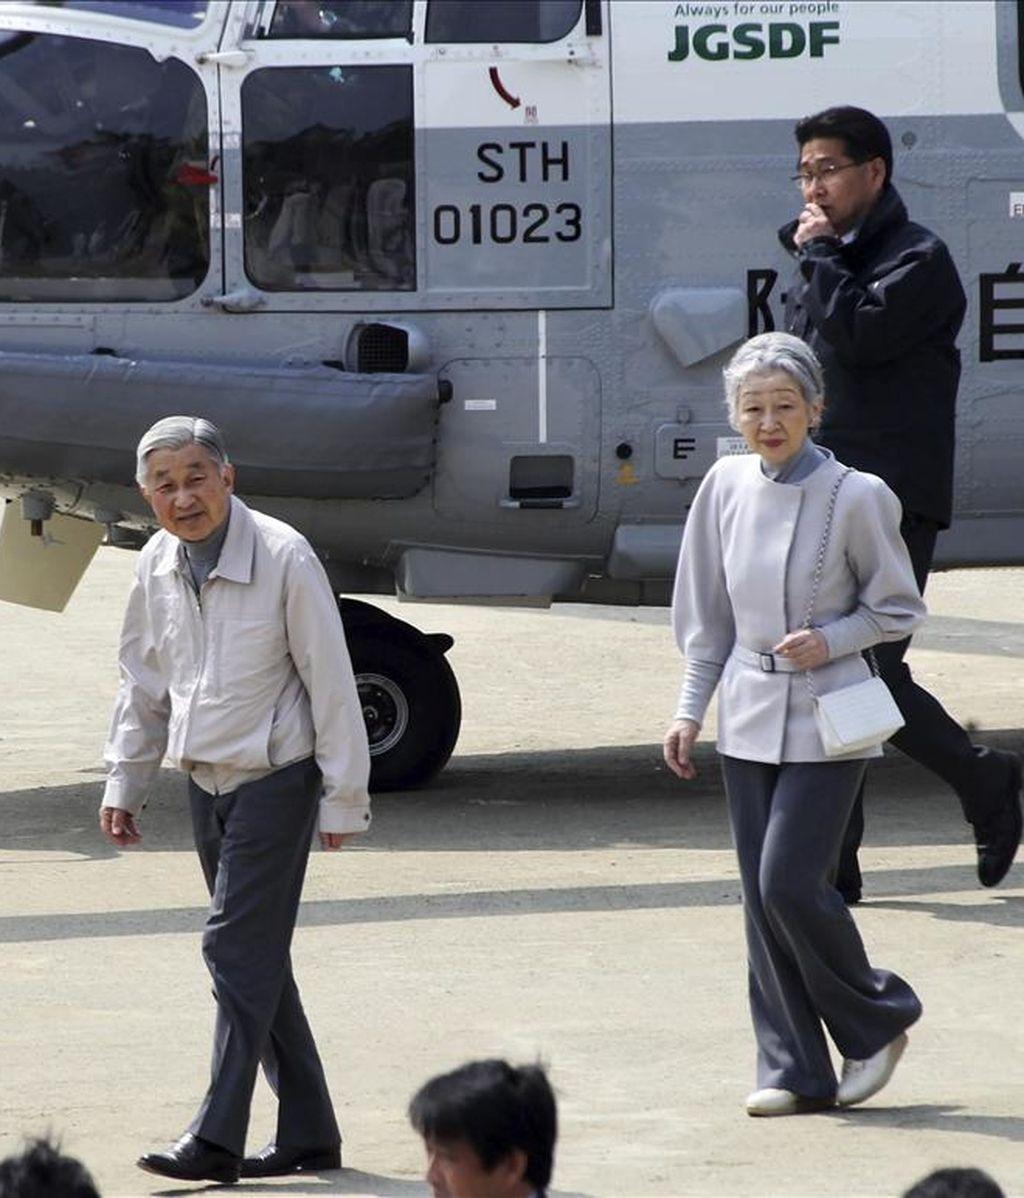 El emperador de Japón, Akihito, y la emperatríz Michiko llegan en helicóptero a la ciudad de Minamisanriku, en la prefectura de Miyagi (Japón), hoy, miércoles 27 de abril de 2011. EFE